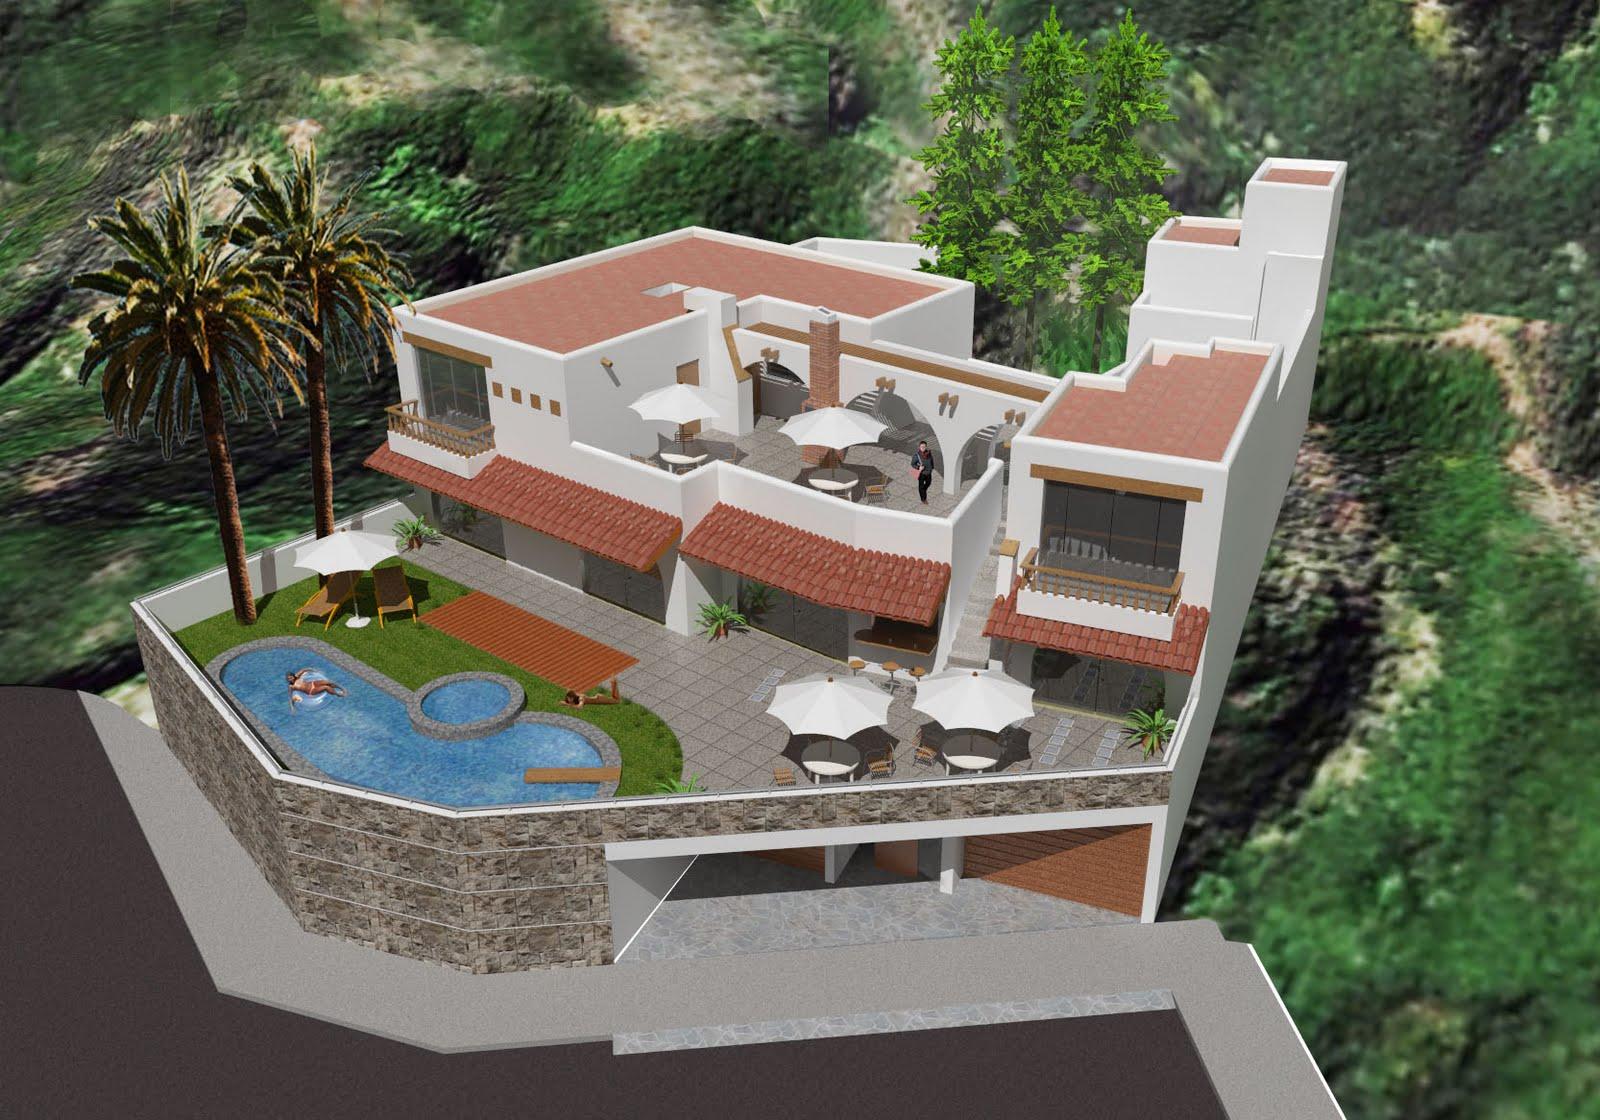 Arquitectura 3d arquitectura casa de playa barranca peru - Casa de playa ...